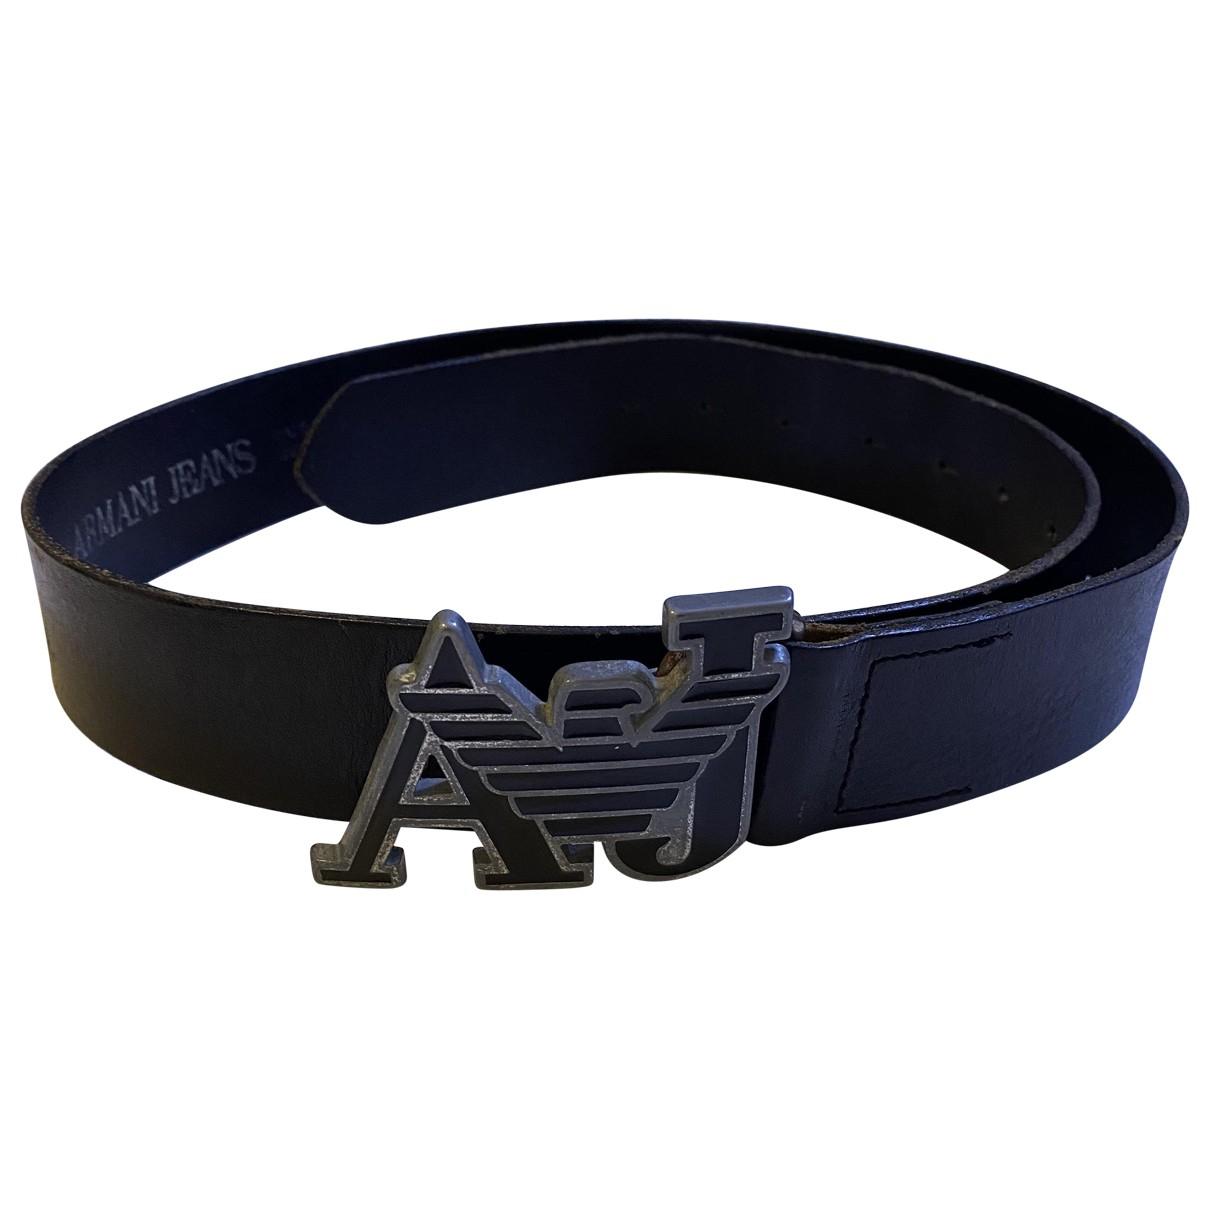 Armani Jeans N Black Leather belt for Men 95 cm